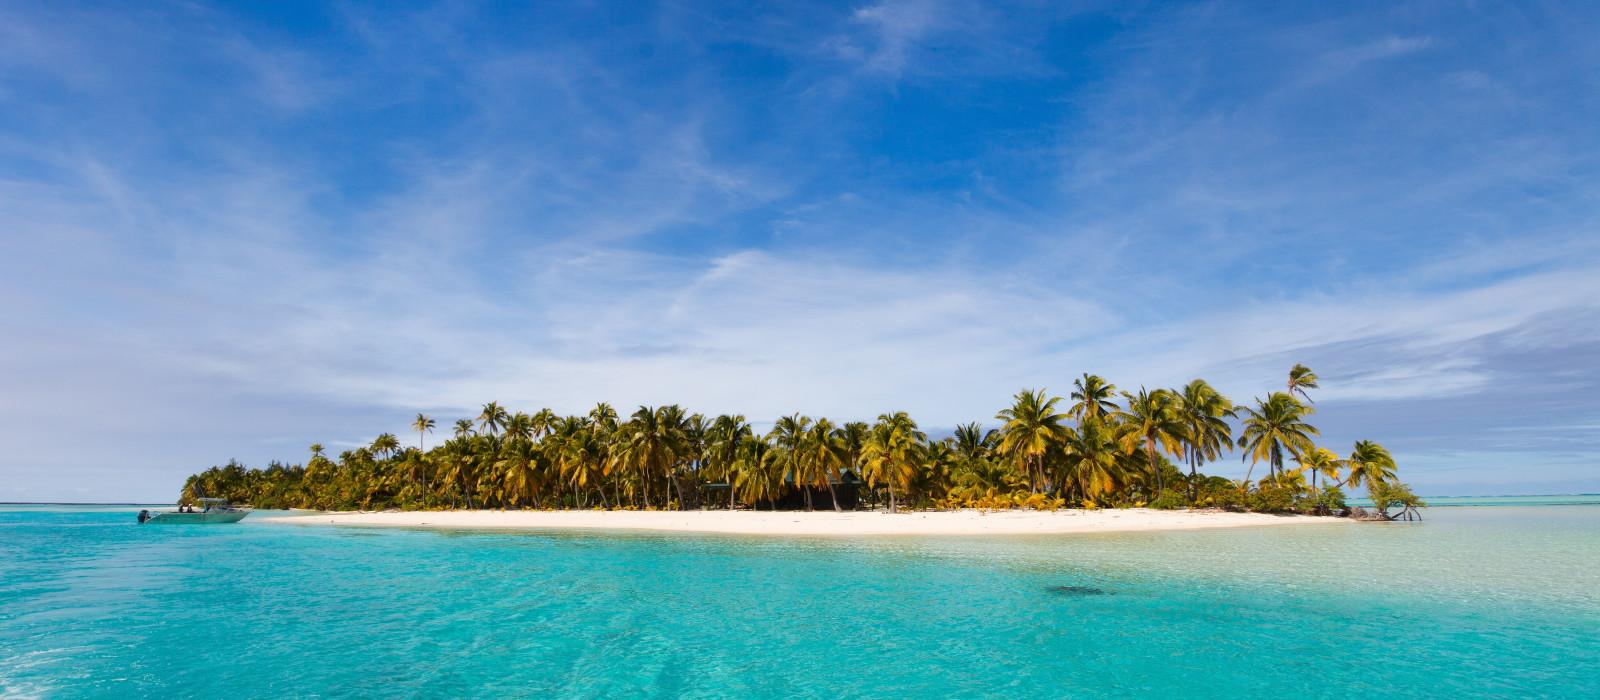 Aitutaki One Foot island, Südpazifik, Cook Islands Urlaub